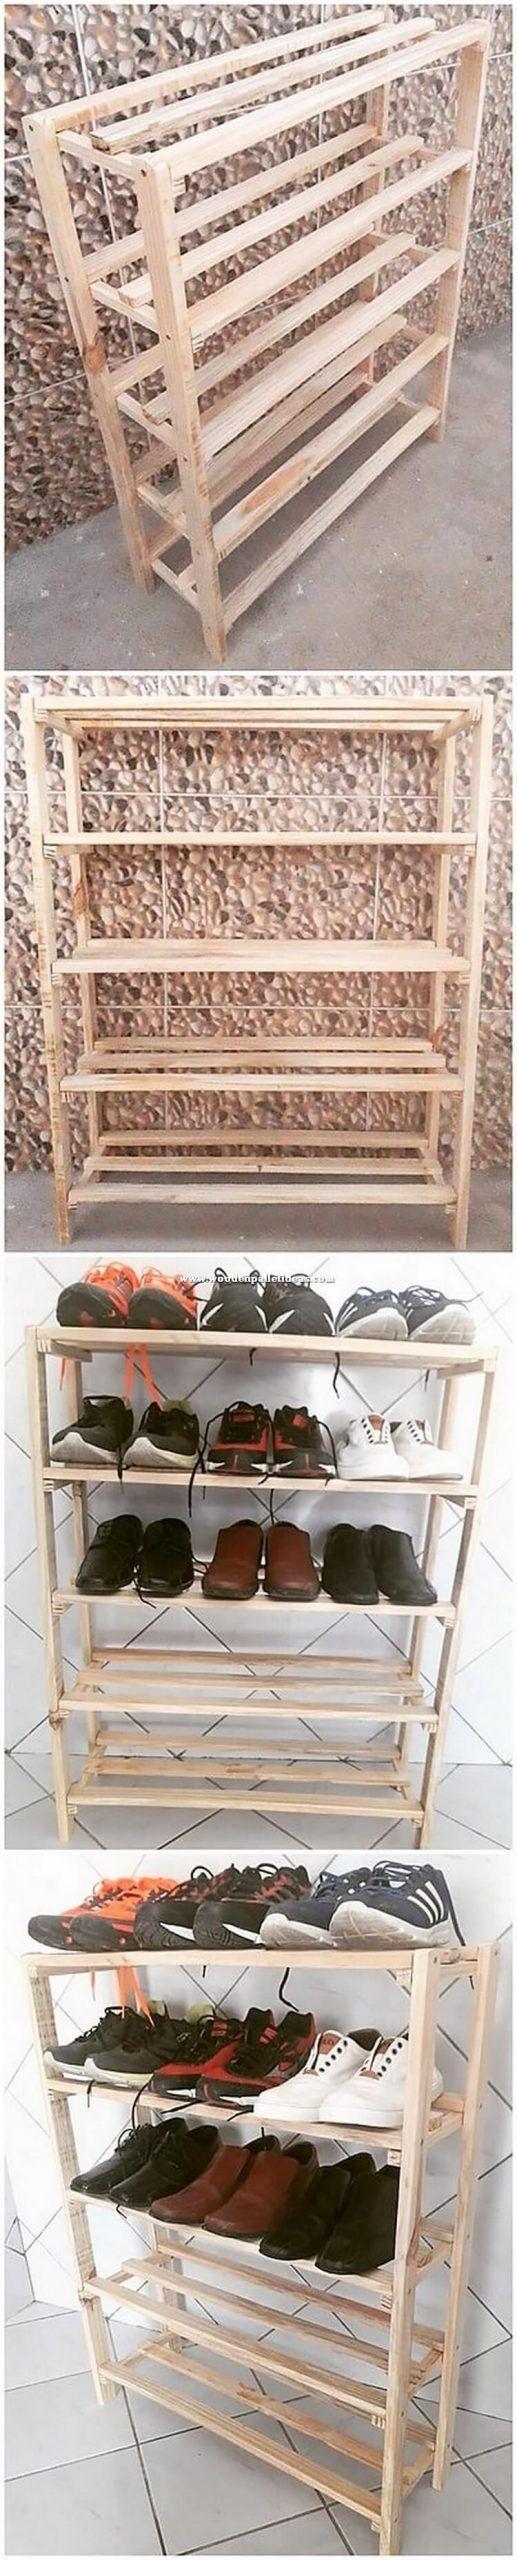 Neueste DIY Holzpaletten Ideen für Ihr Zuhause - Holzpaletten Ideen # diy # für # ...#diy #für #holzpaletten #ideen #ihr #neueste #zuhause